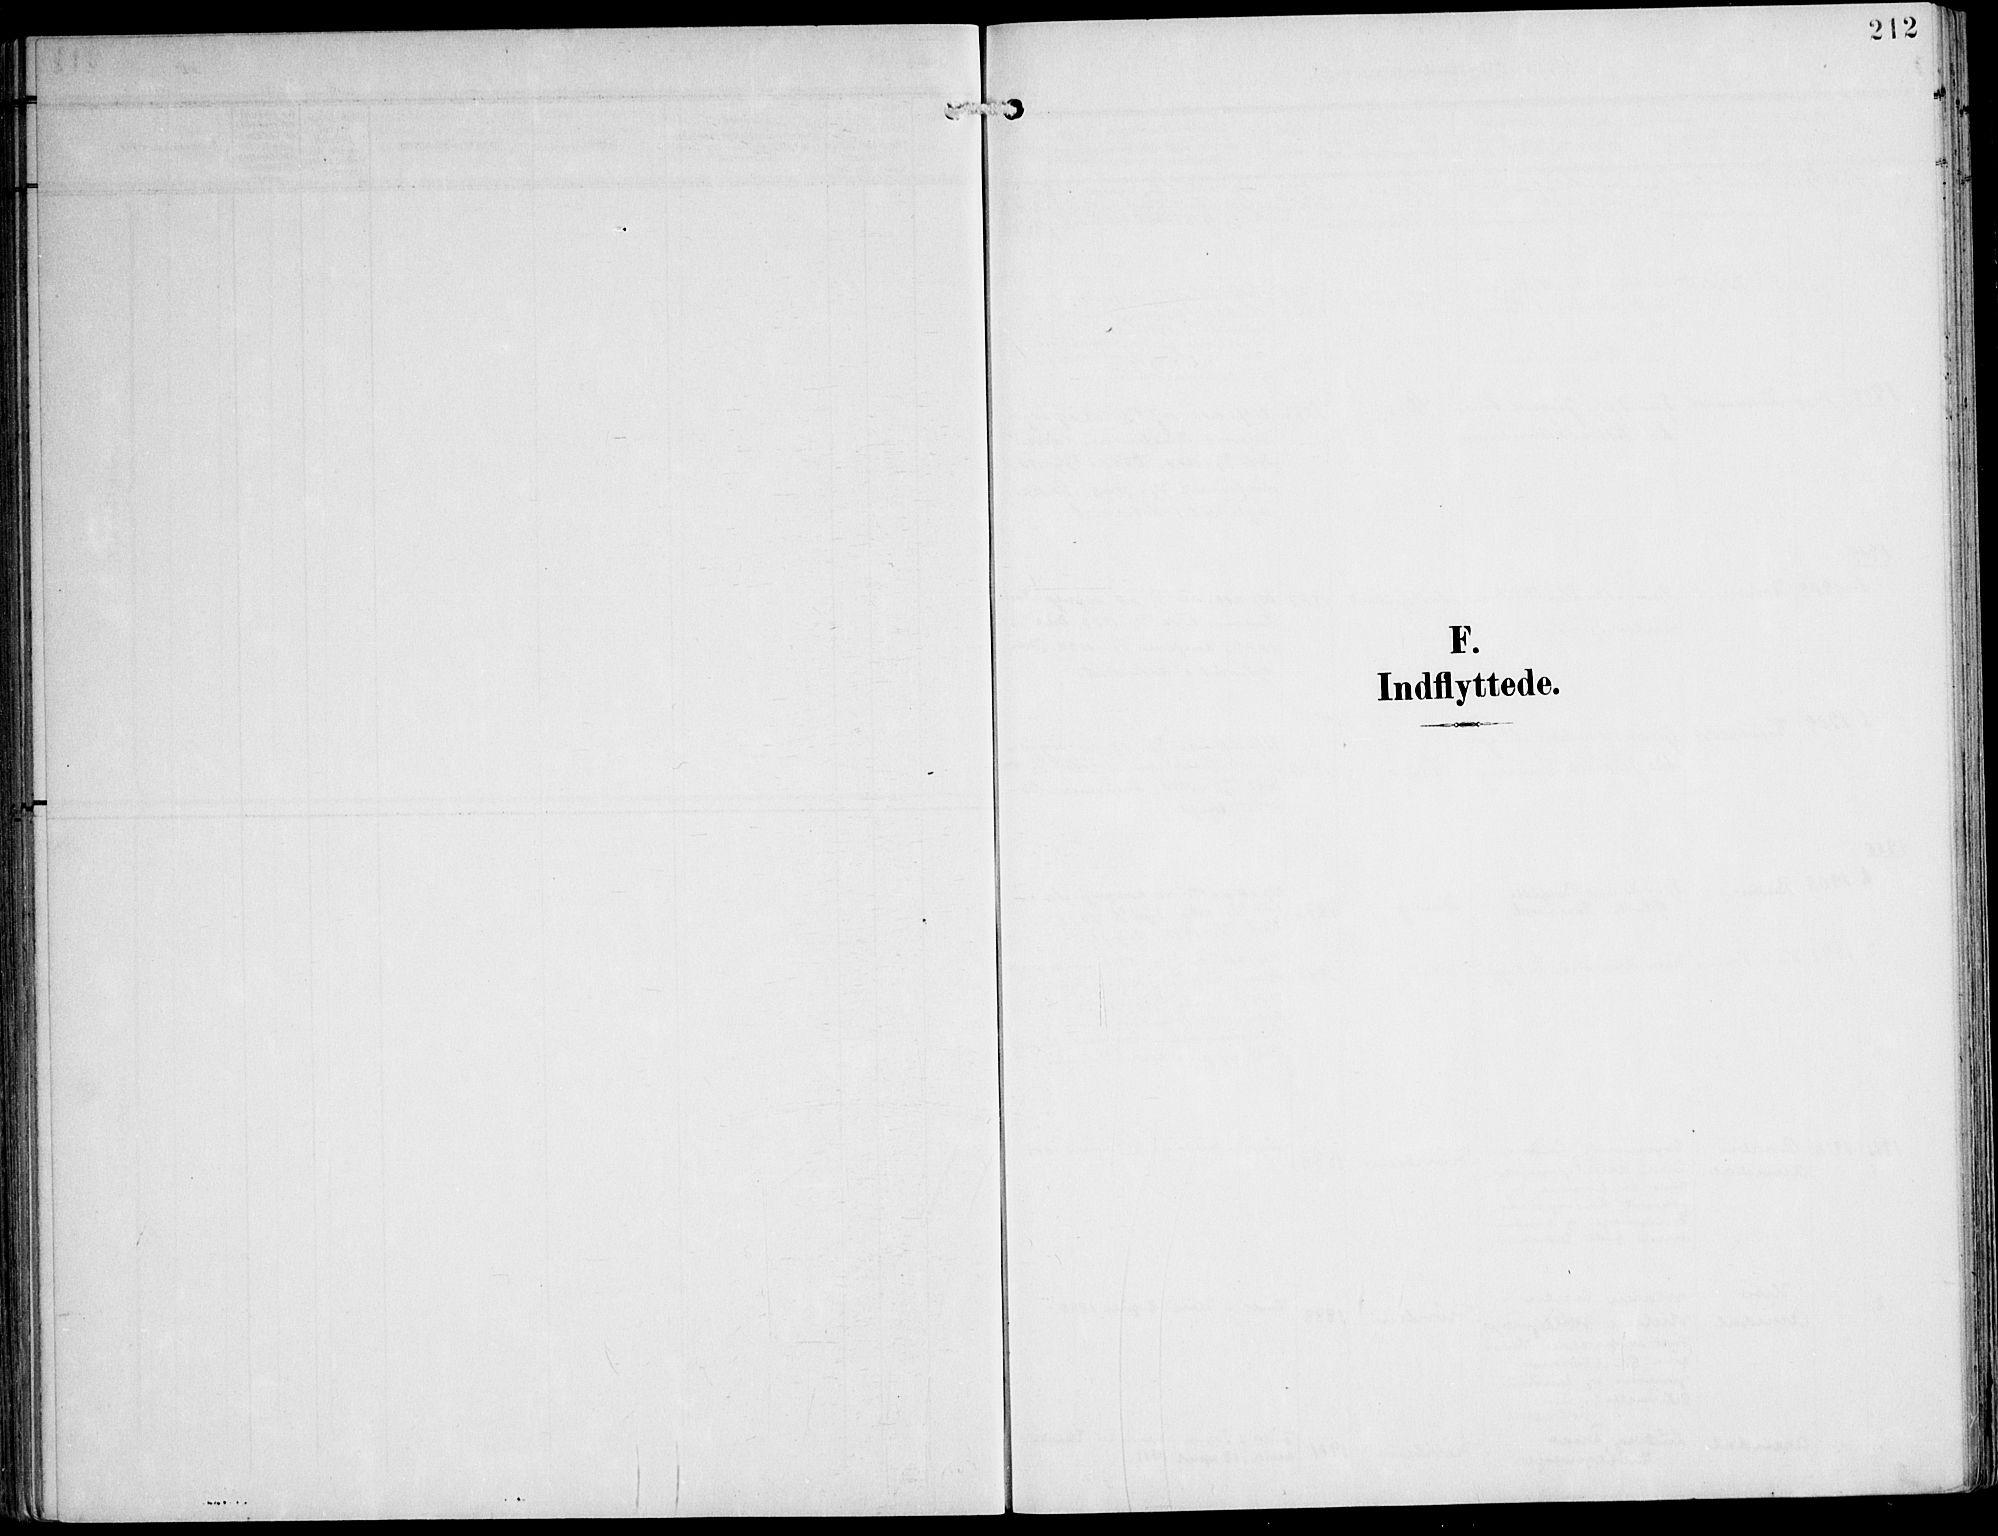 SAT, Ministerialprotokoller, klokkerbøker og fødselsregistre - Nord-Trøndelag, 788/L0698: Ministerialbok nr. 788A05, 1902-1921, s. 212